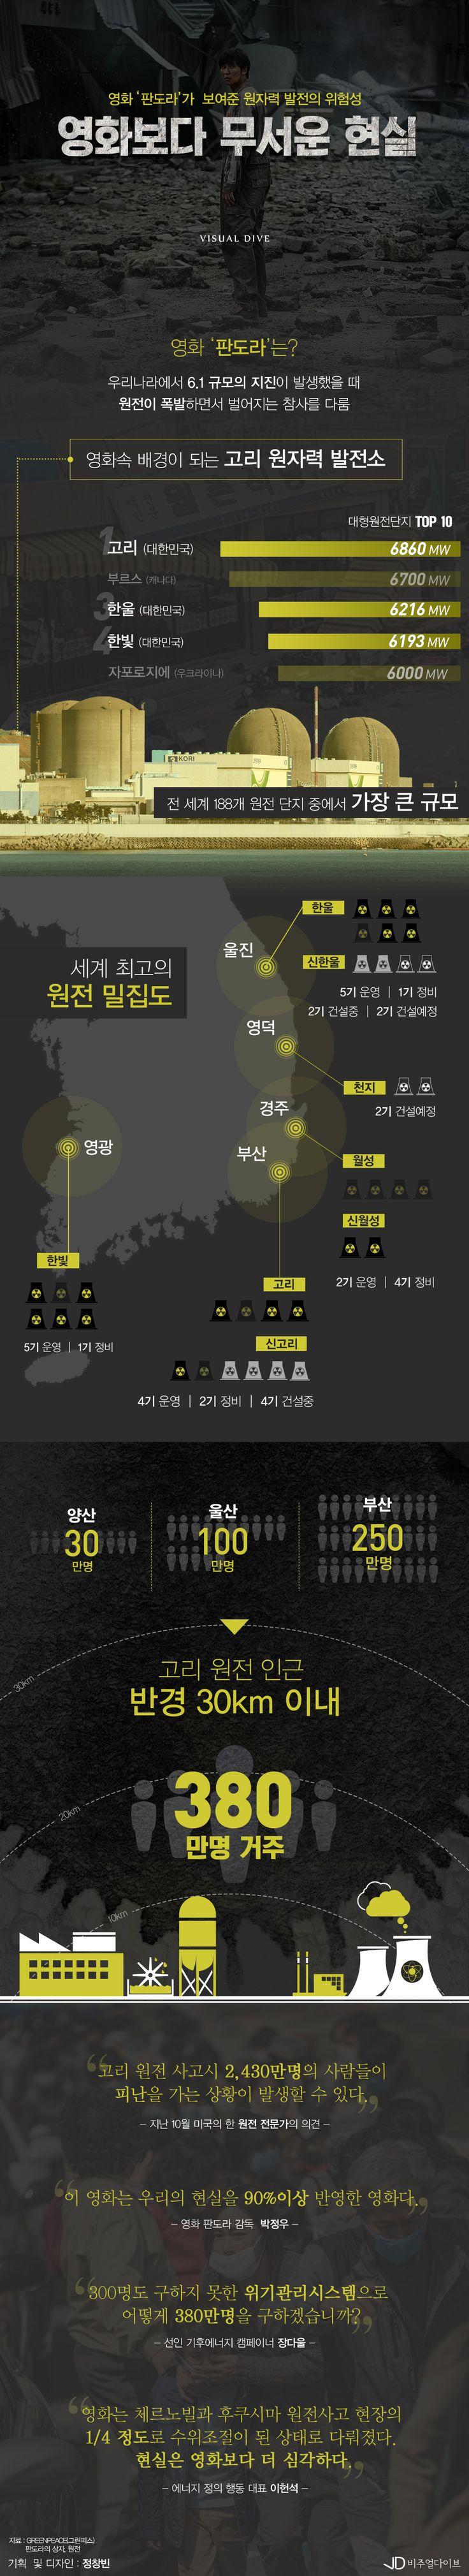 영화 '판도라'를 통해 본 원자력 발전의 위험성[인포그래픽] | 비주얼다이브